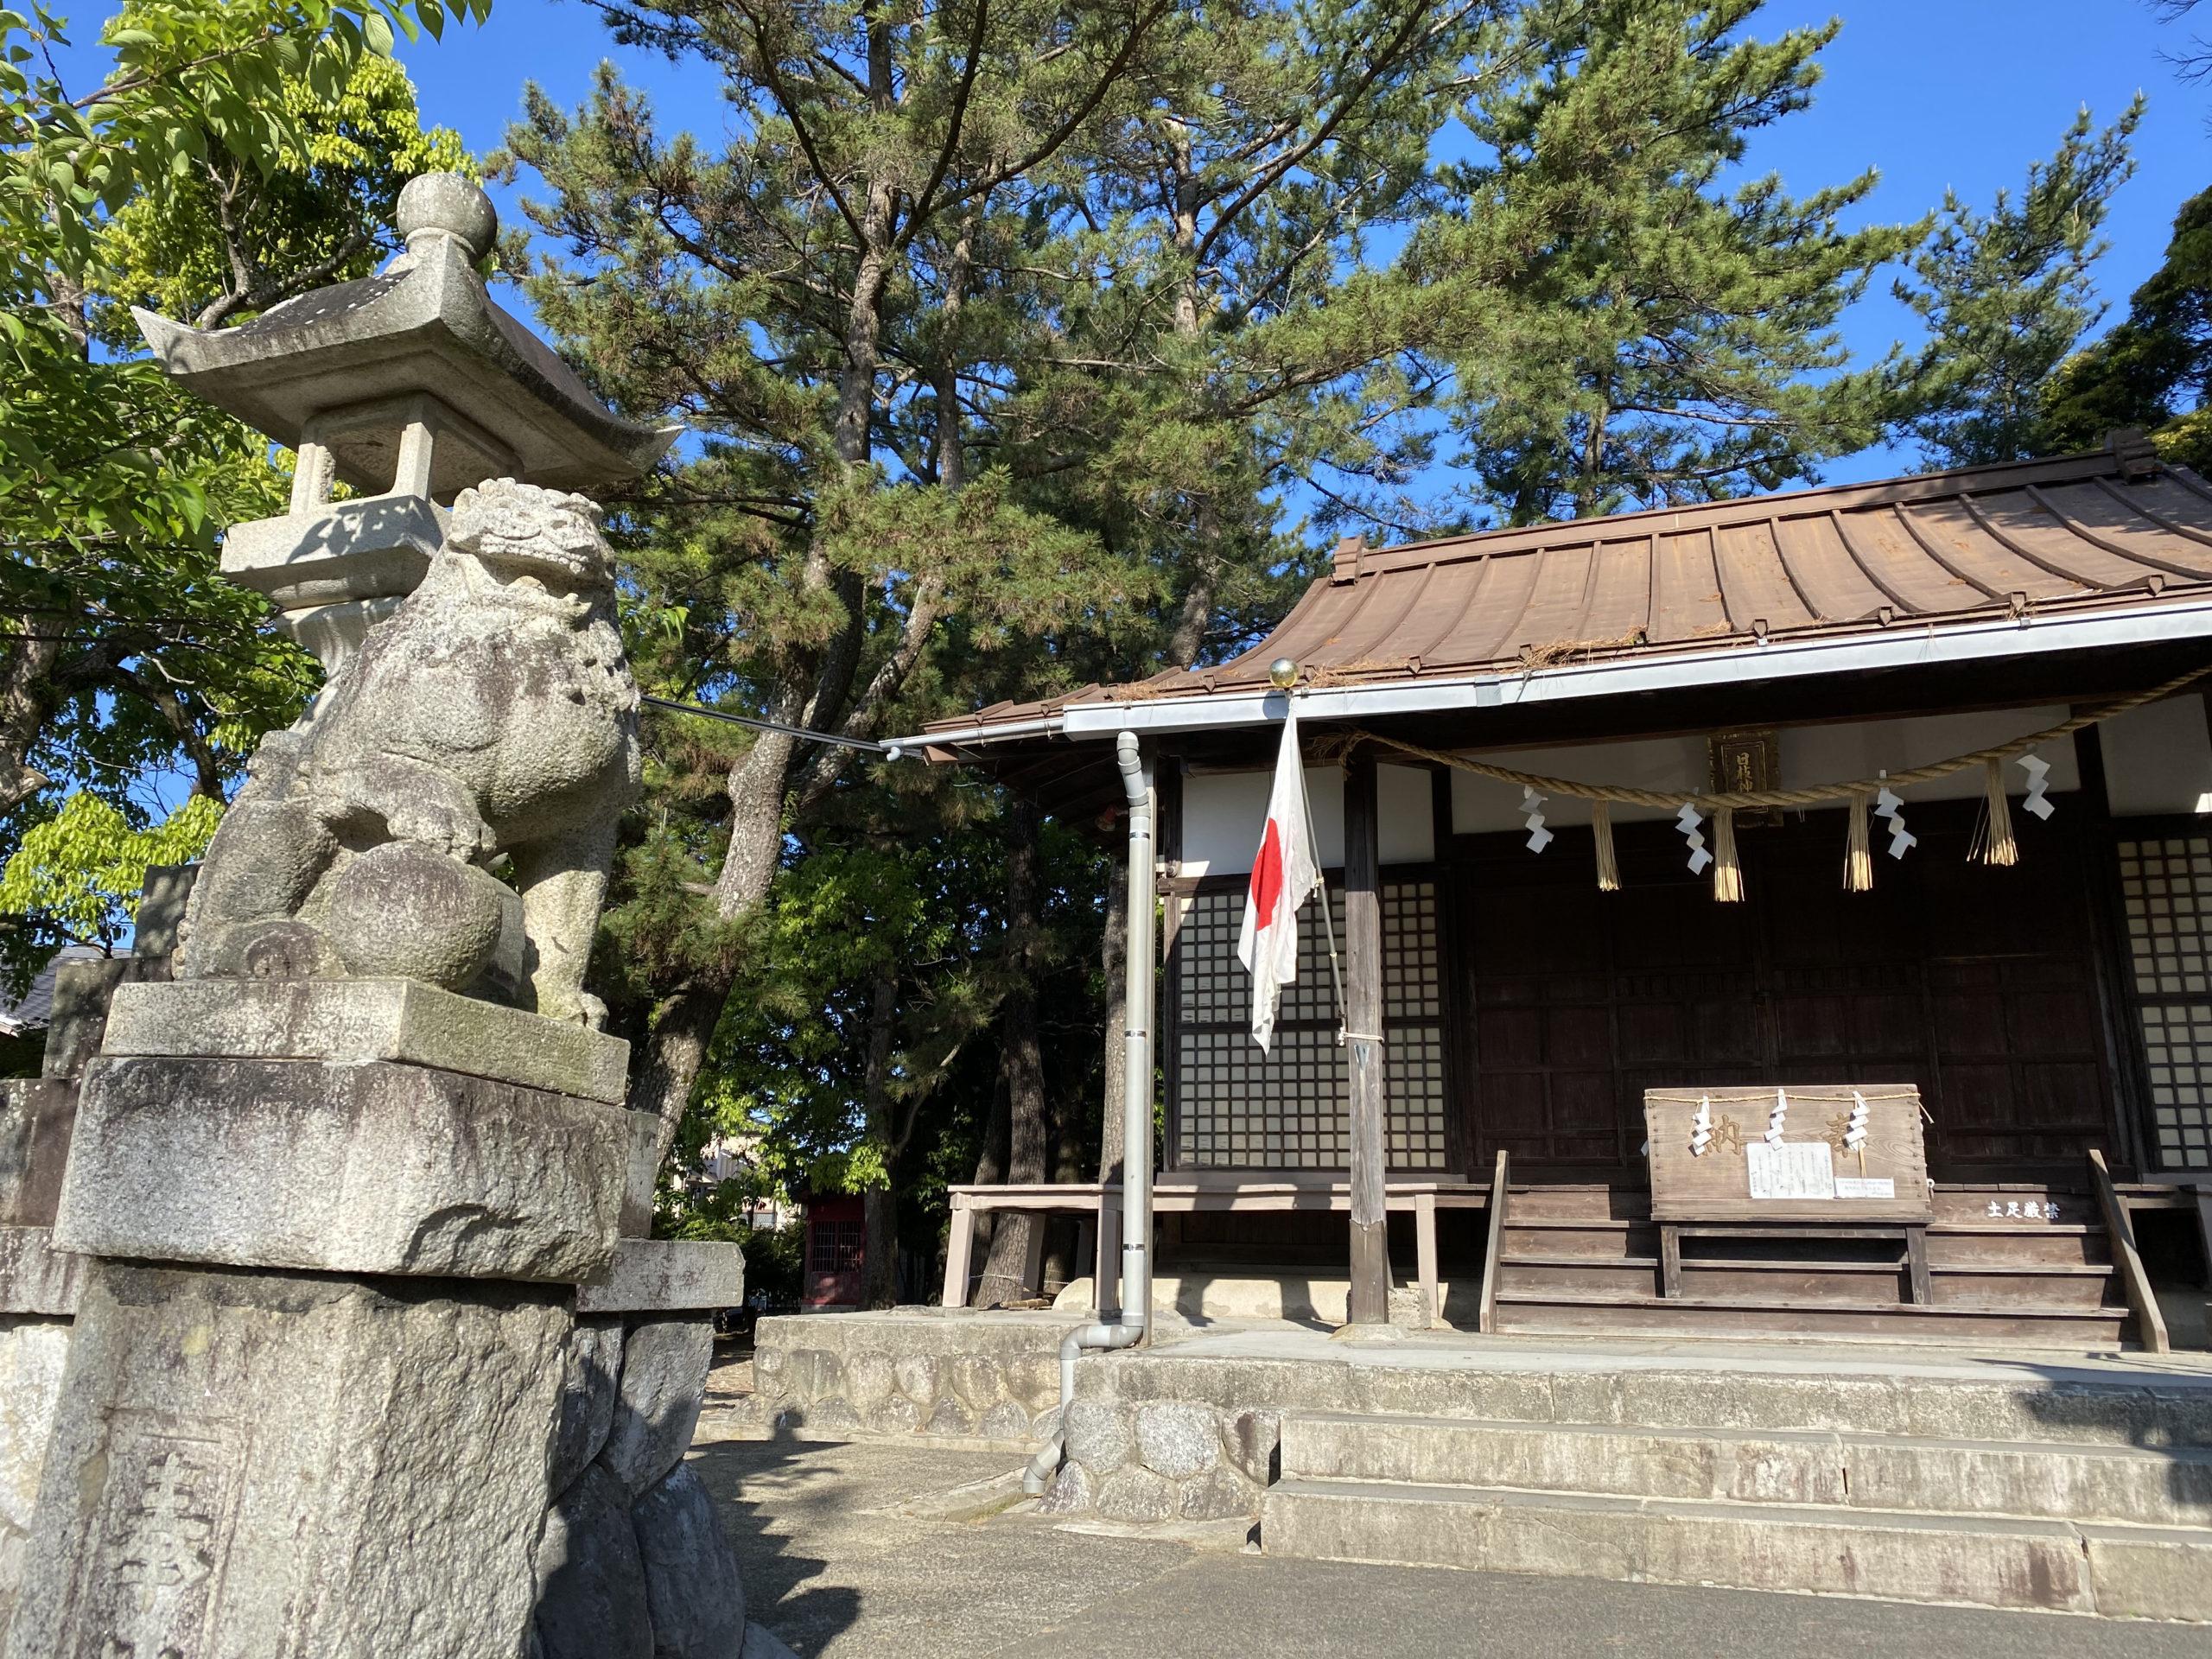 令和3年度(2021年)浜松まつり 広沢町凧揚会ひ組